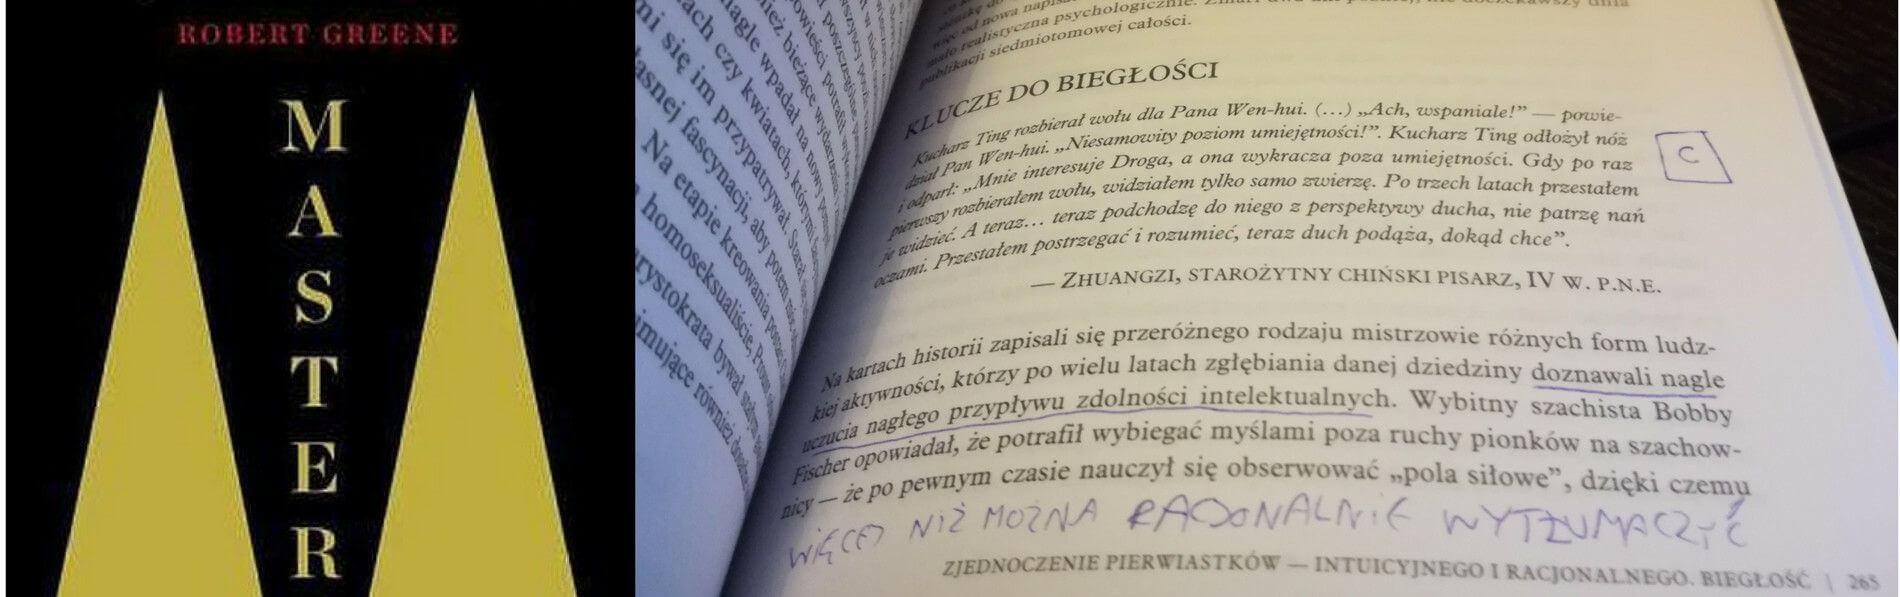 Recenzja Książki Jak Zostać Mistrzem - Andrzej Bernardyn